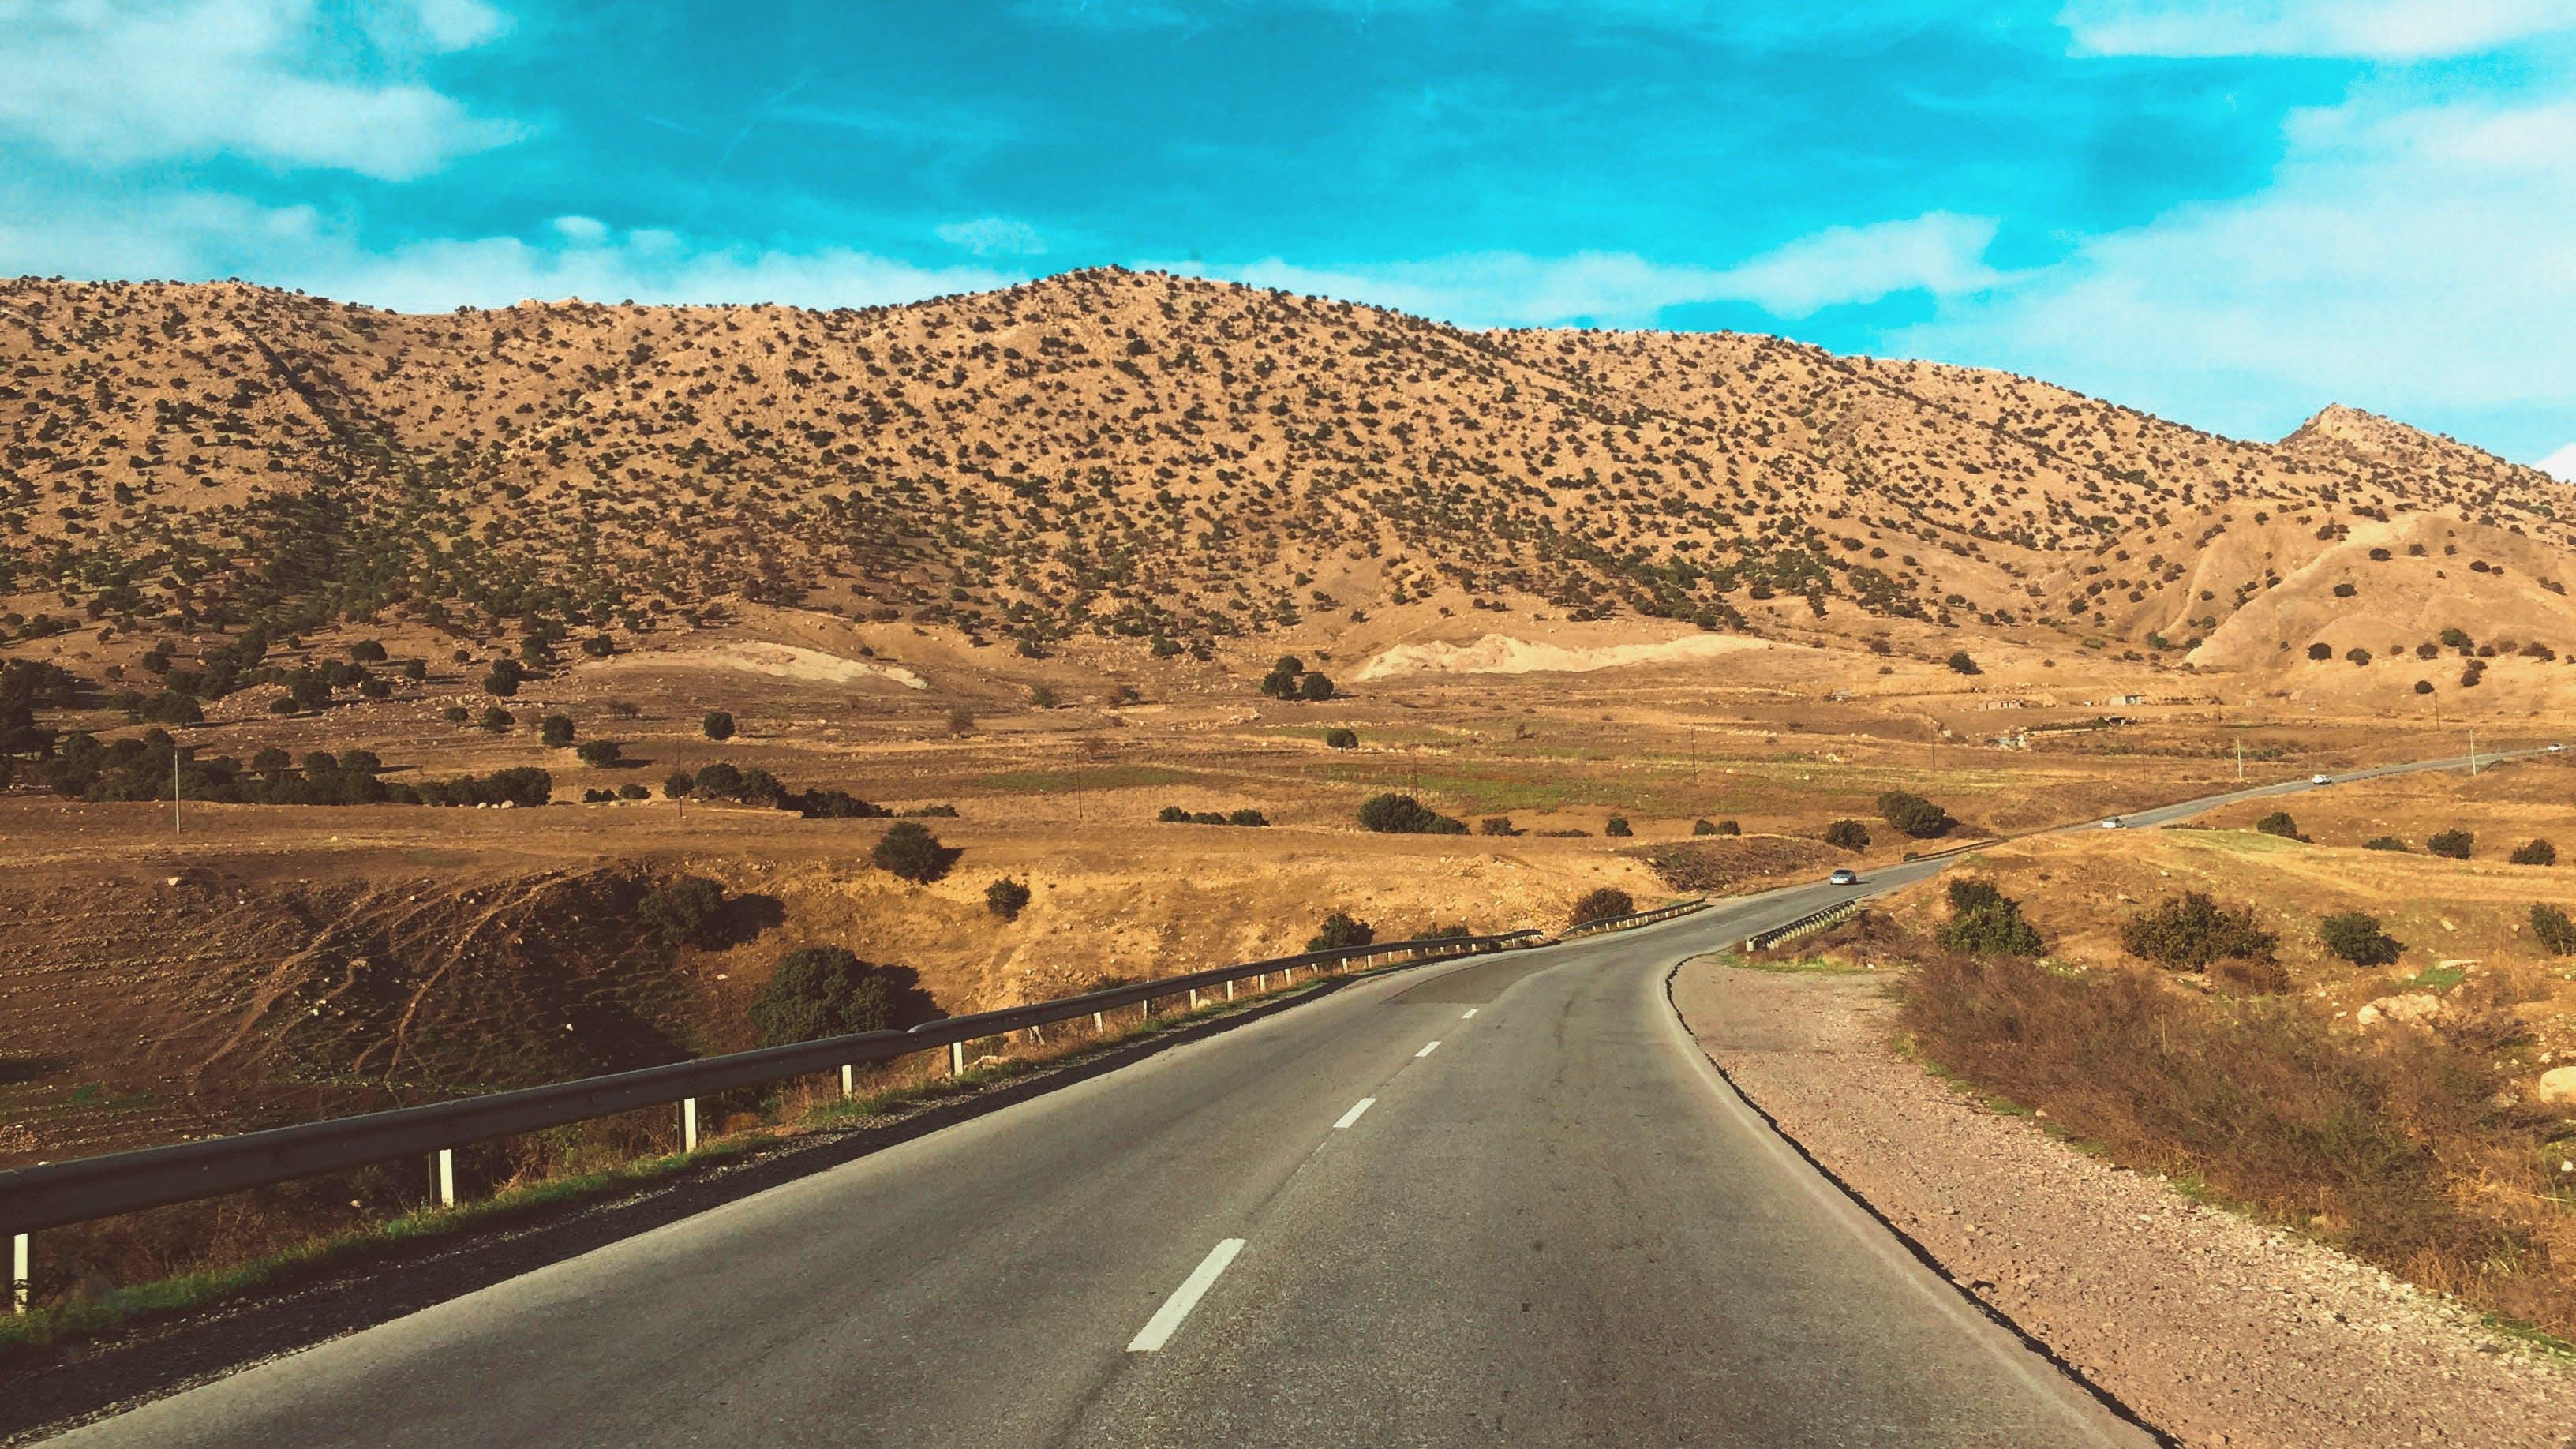 Gratis stockfoto met asfalt, berg, daglicht, dor